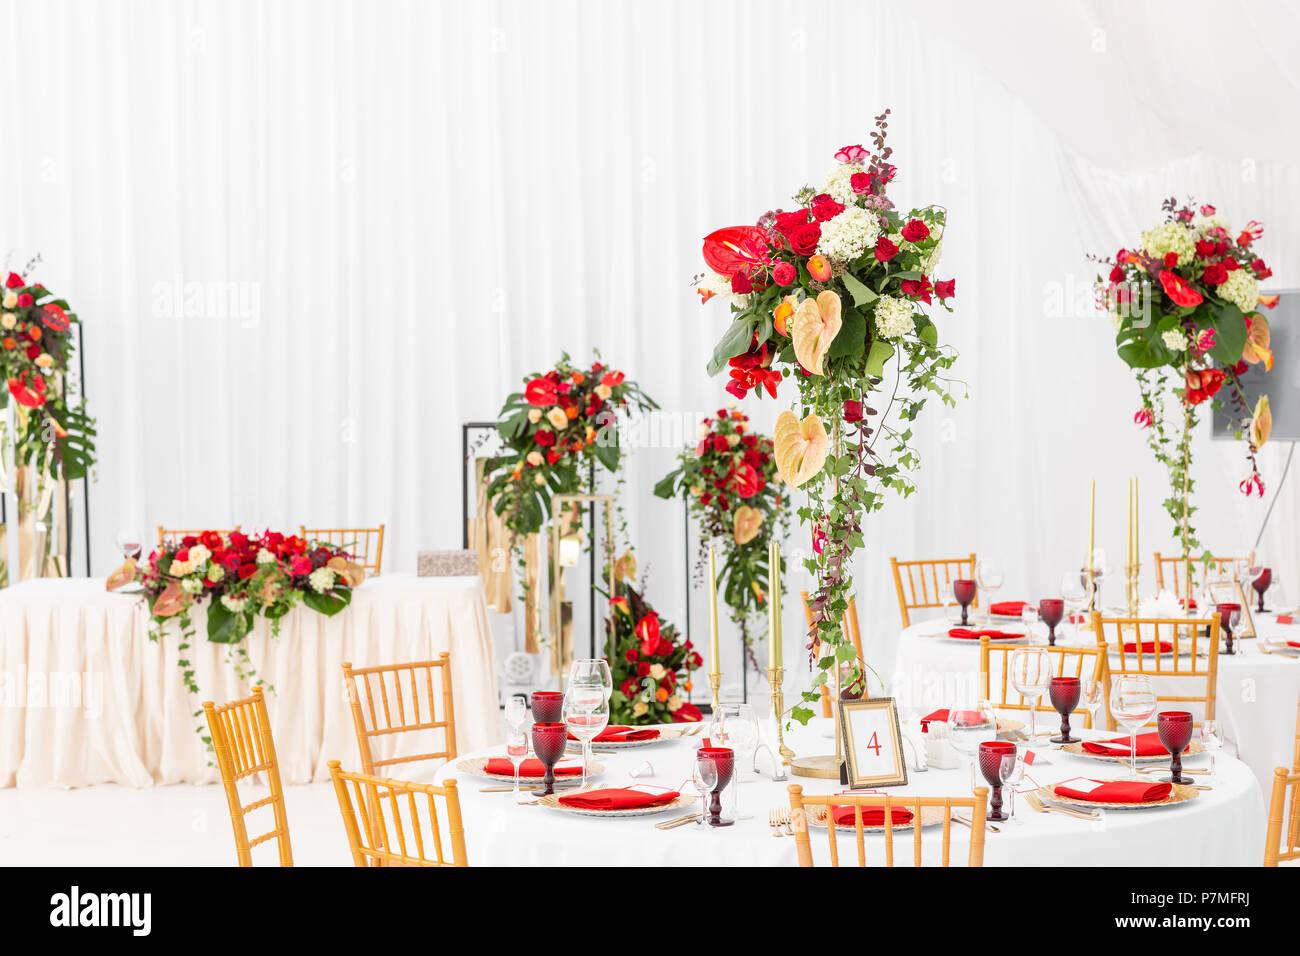 Schonen Bankettsaal Unter Einem Zelt Fur Eine Hochzeit Innenraum Einer Hochzeit Zelt Dekoration Bereit Fur Die Gaste Dekor Blumen Red Theme Stockfotografie Alamy